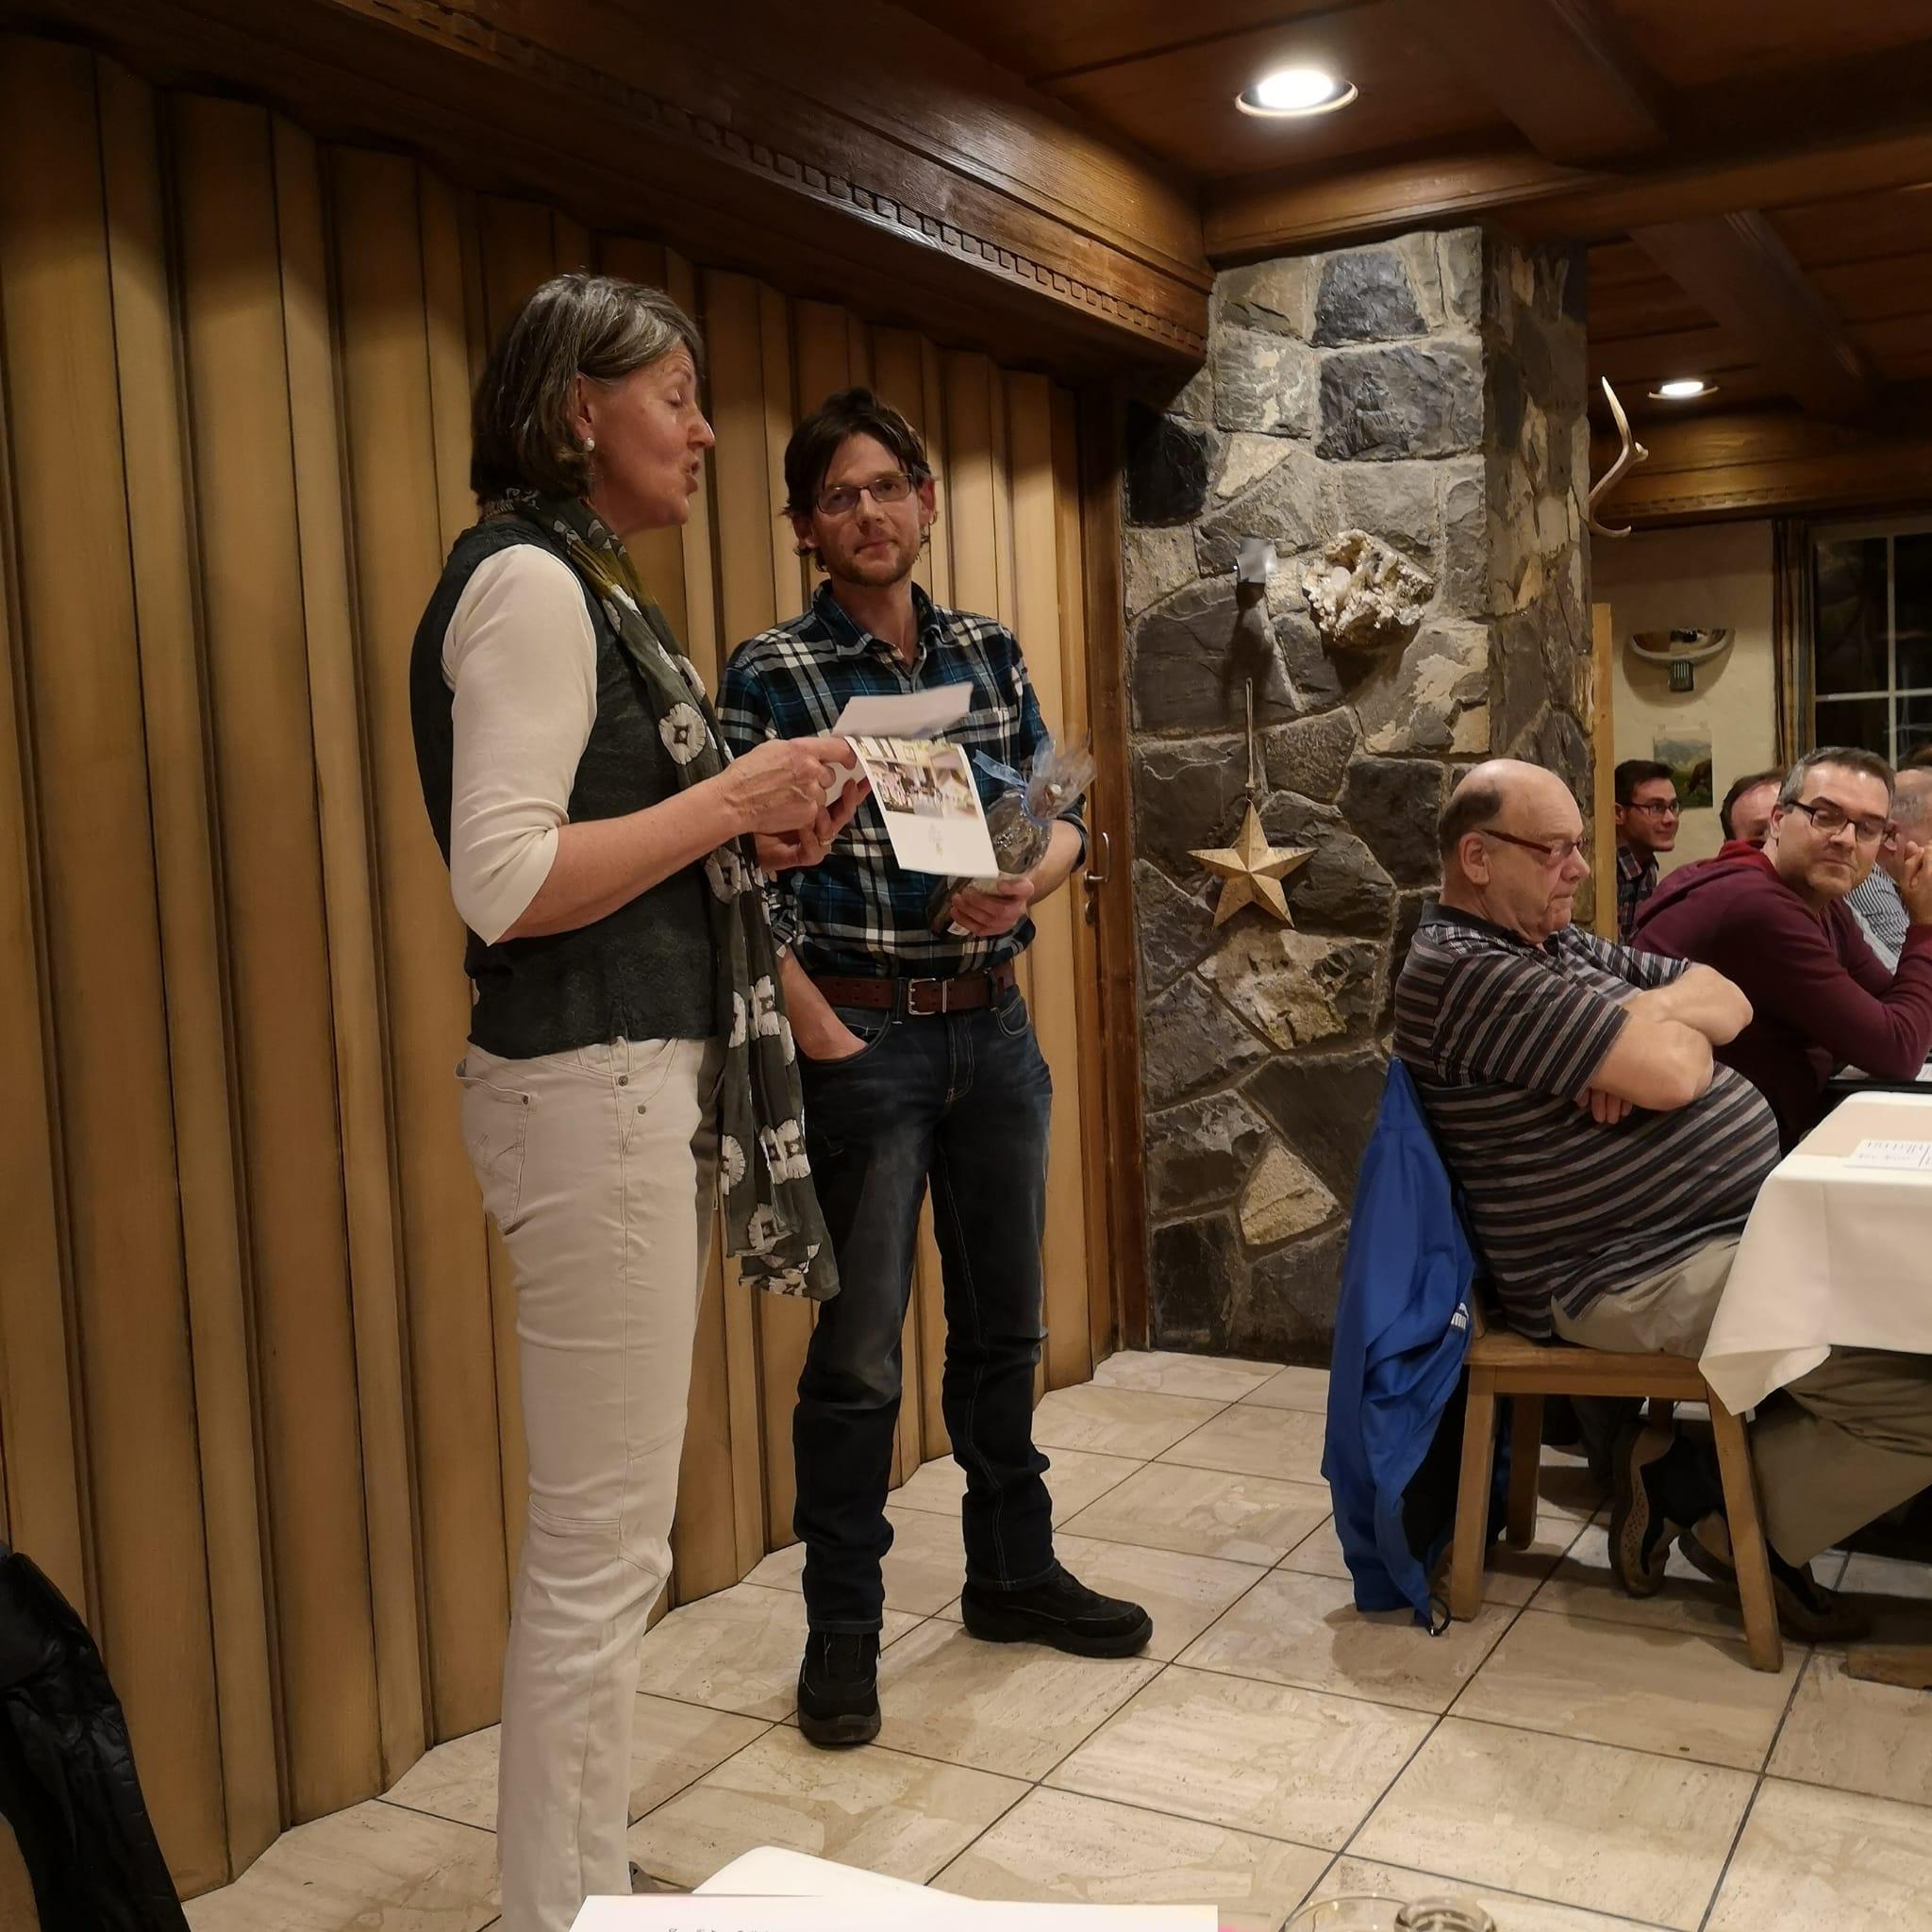 Unsere zurücktretende Präsidentin Barbara übergibt dem zurücktretenden Dirigenten Ruedi ein Geschenk